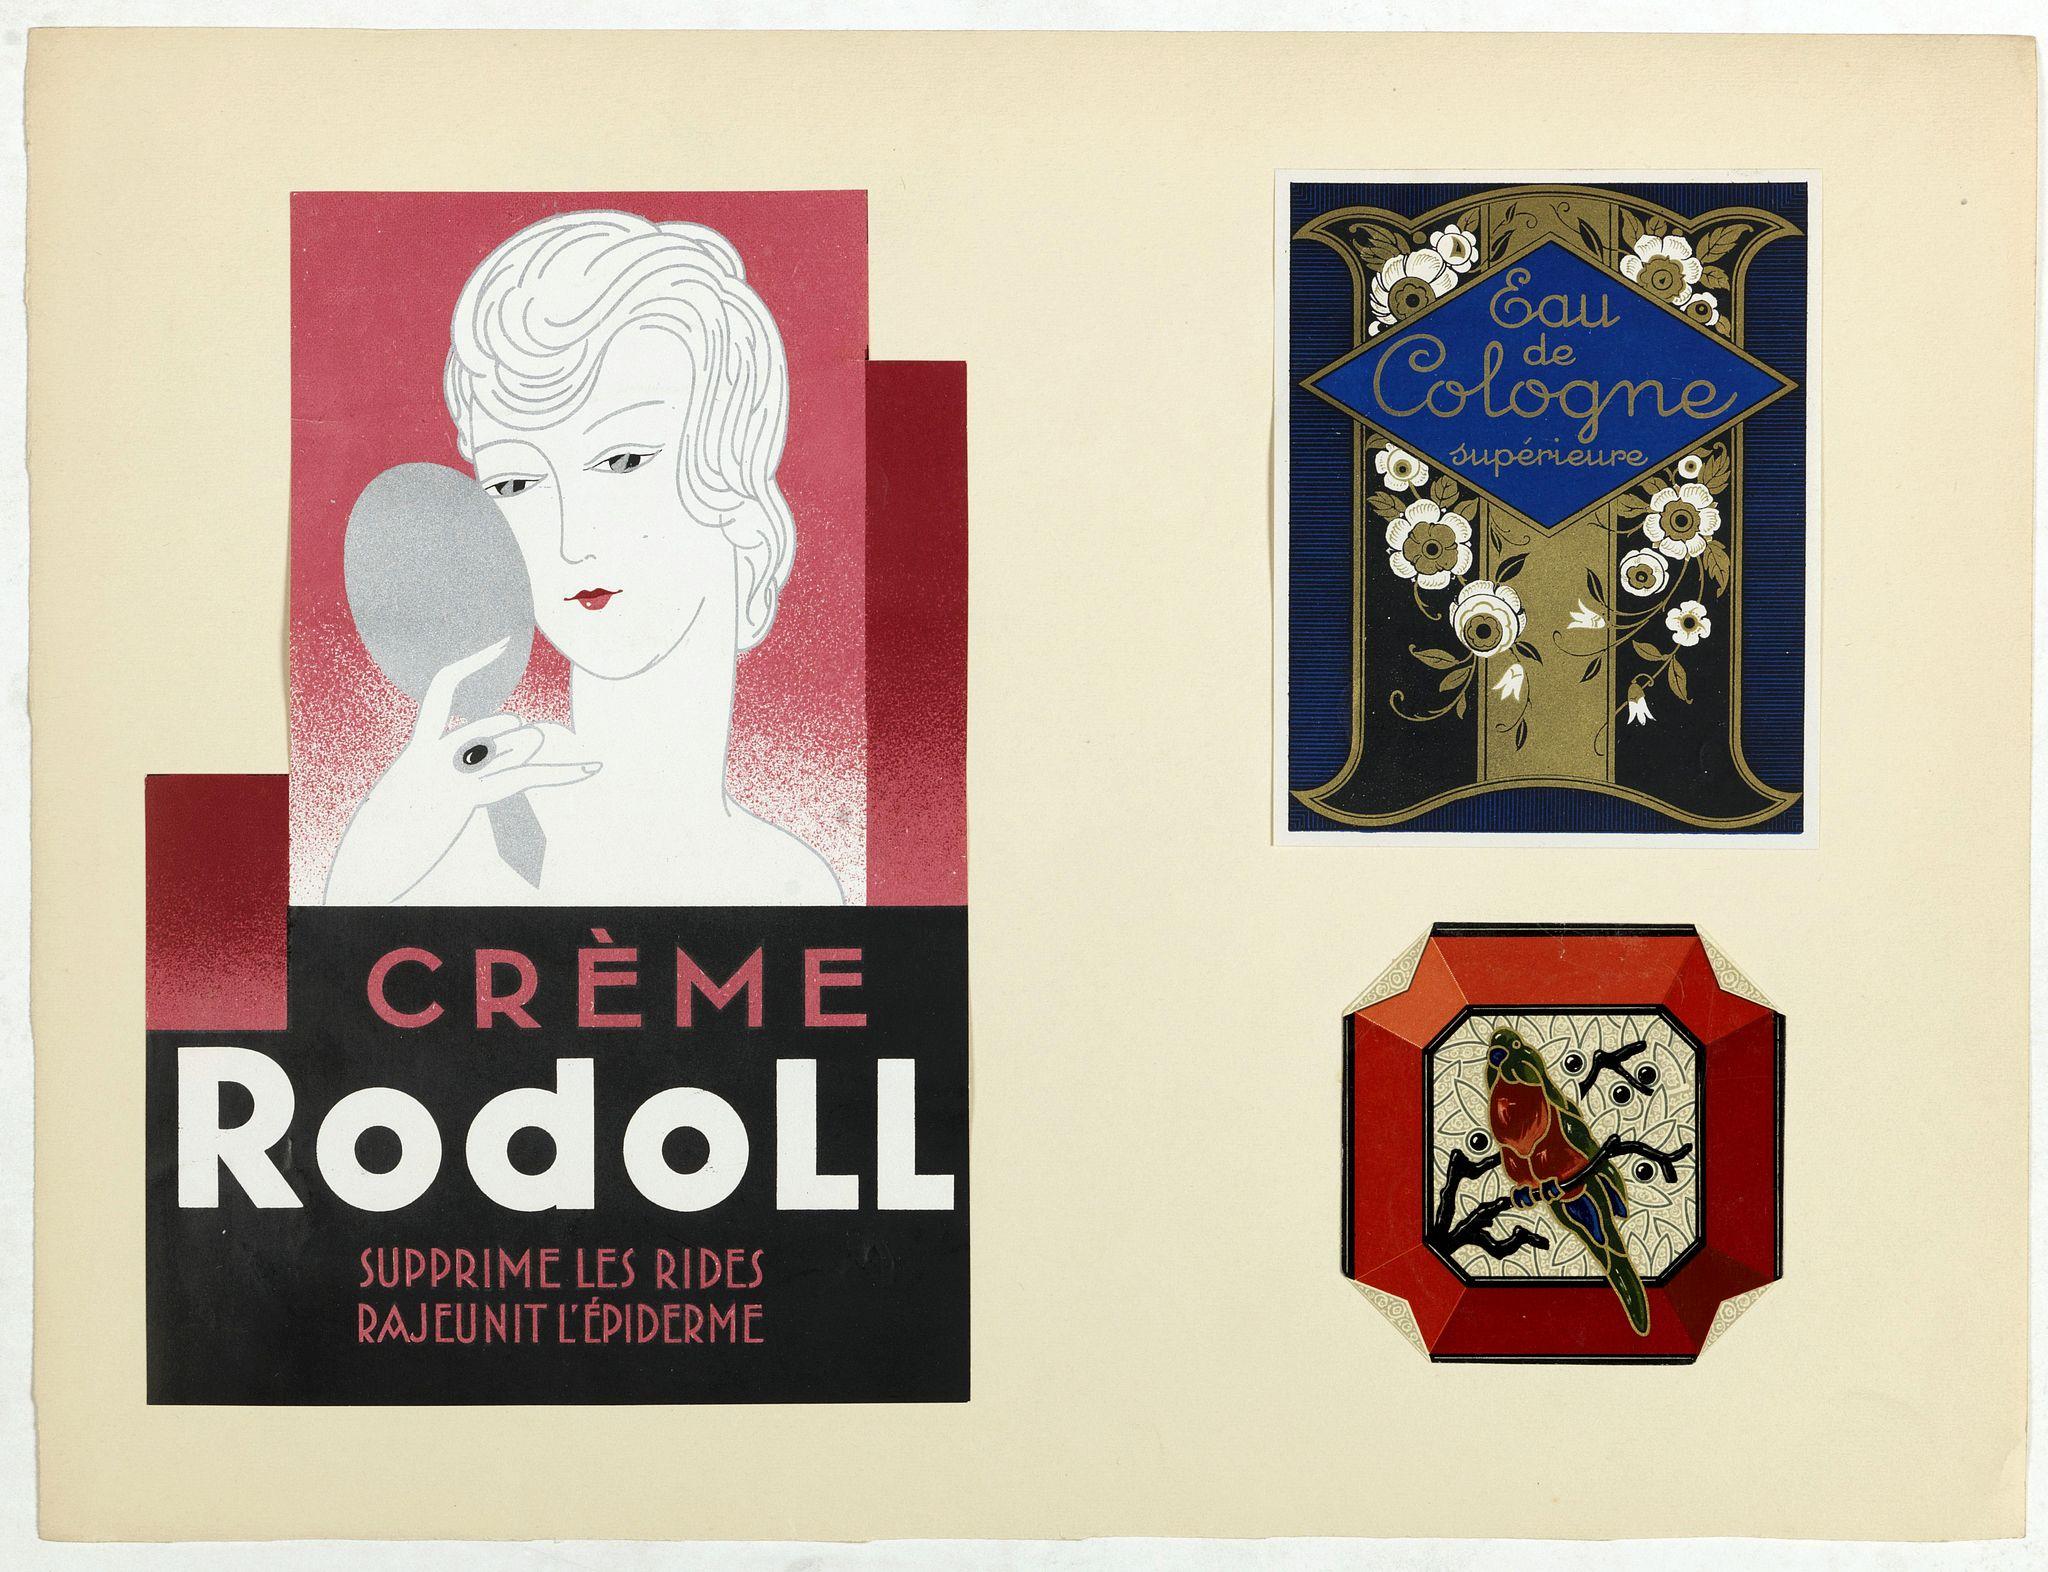 PICHON, Robert (Workshop). -  Labels for Crème Rodol, Eau de Cologne supérieure. . .